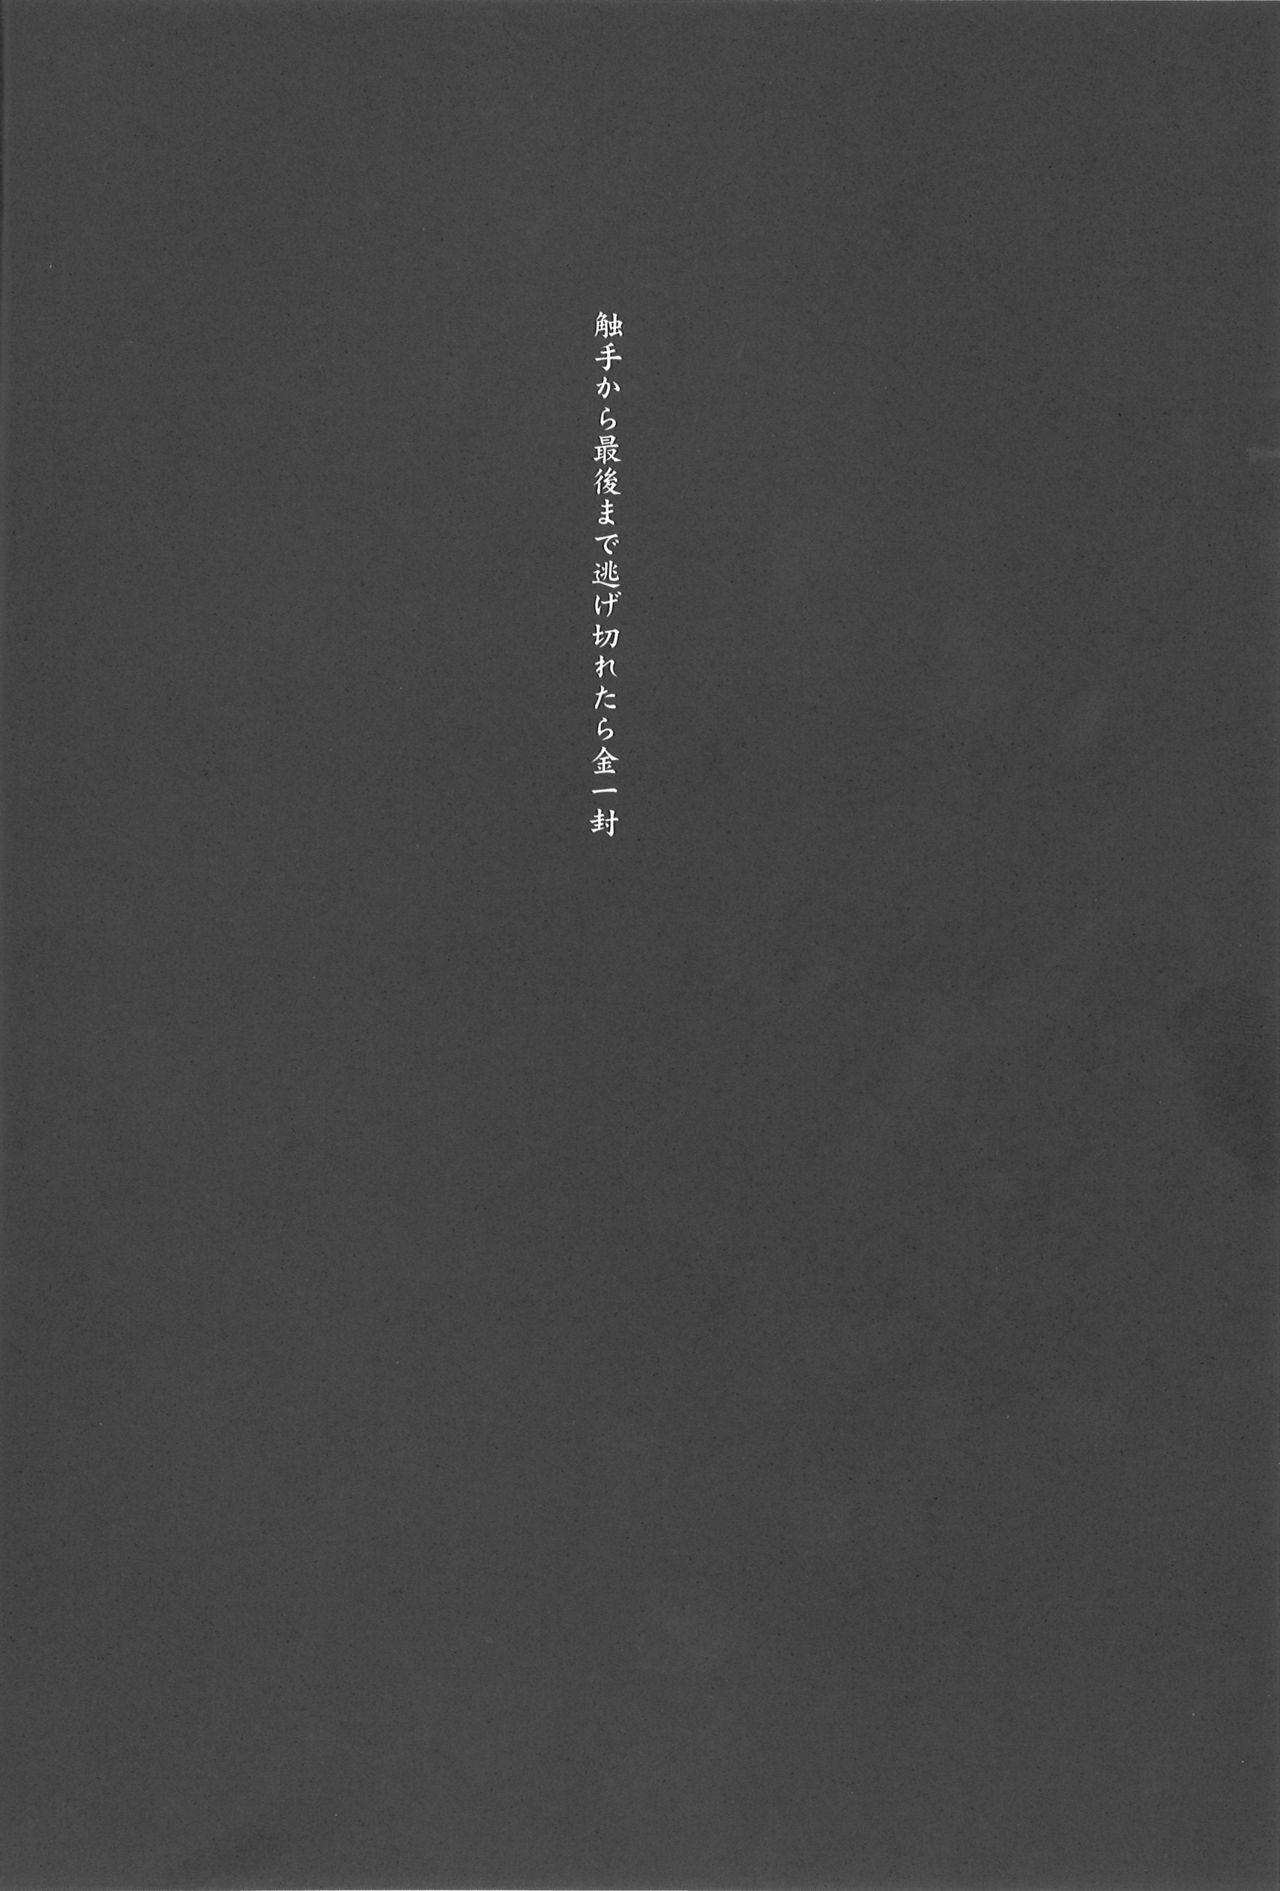 Shokushu Kara Saigomade Nigekiretara Kinippuu 2